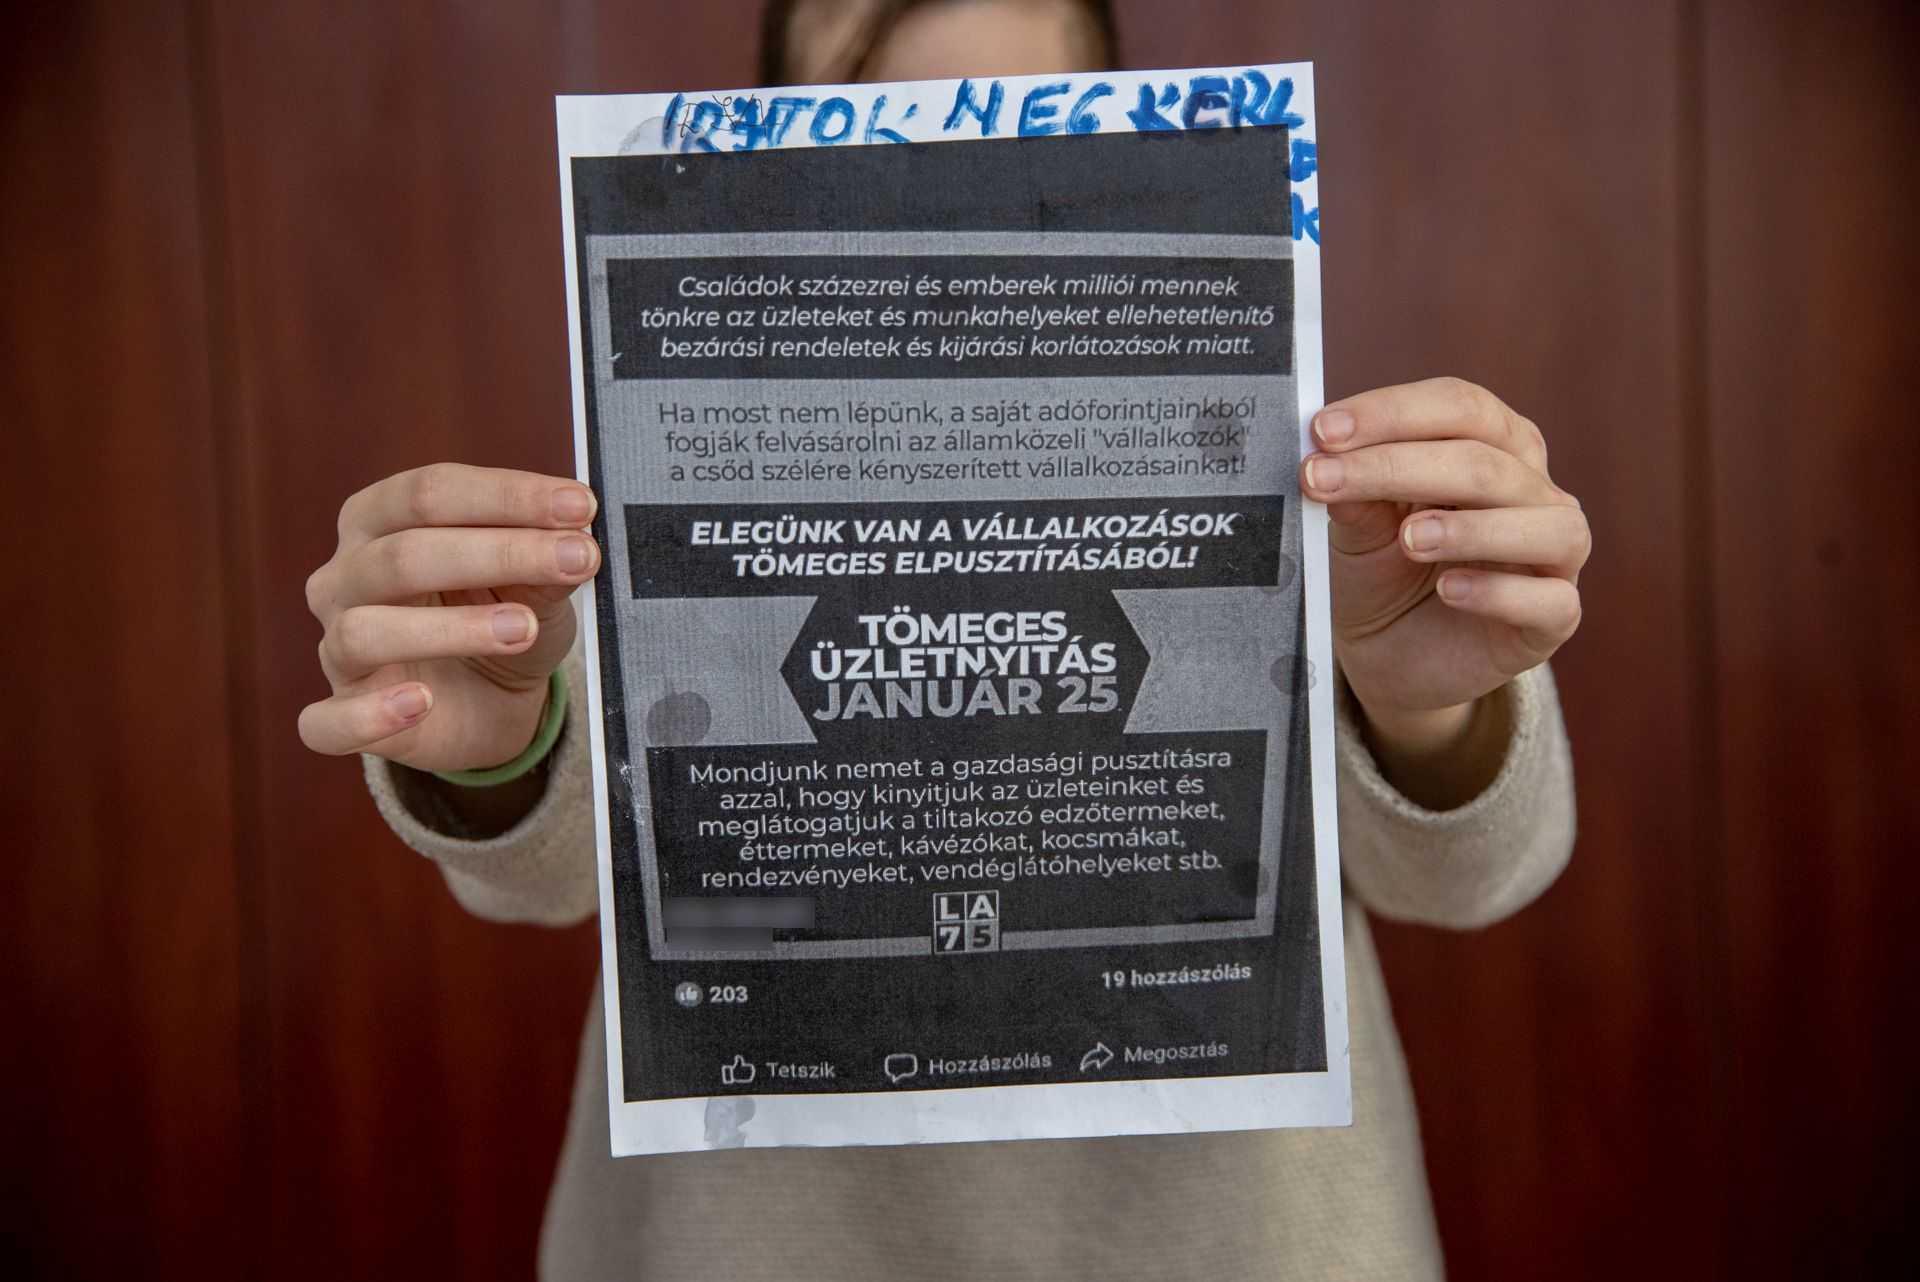 Tömeges üzletnyitás január 25. plakát_c